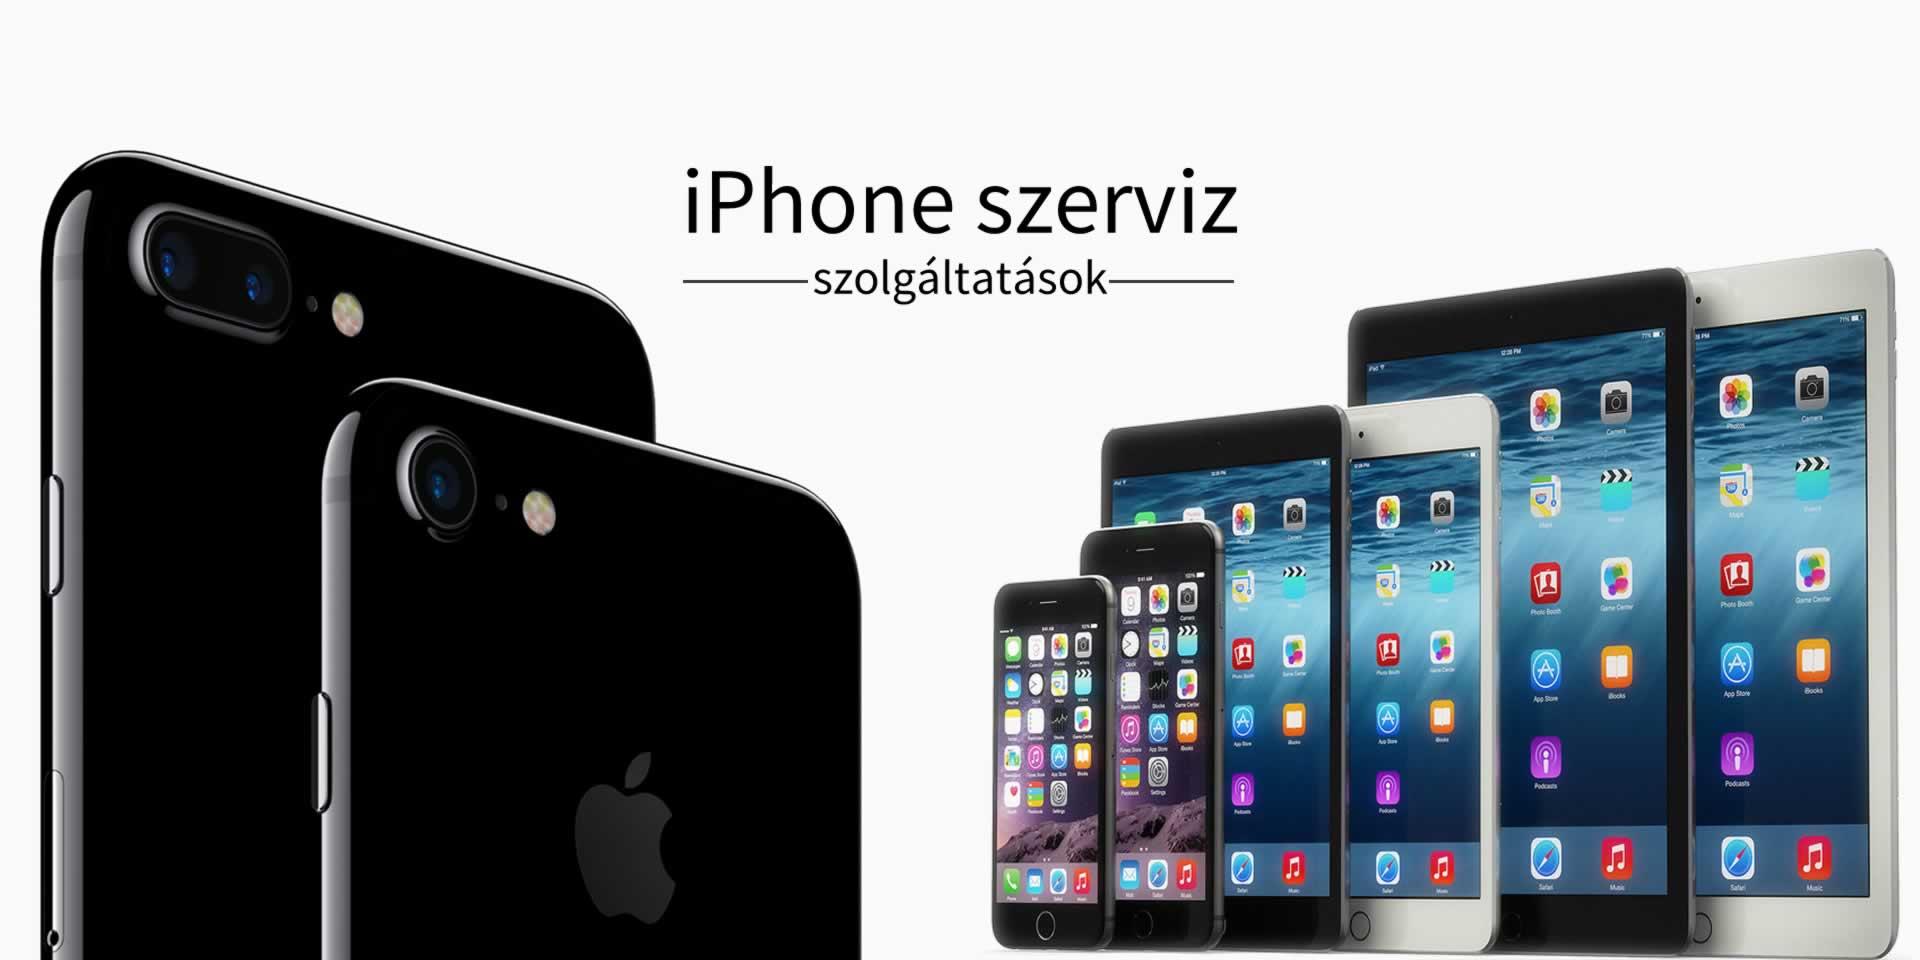 iPad iPhone szerviz